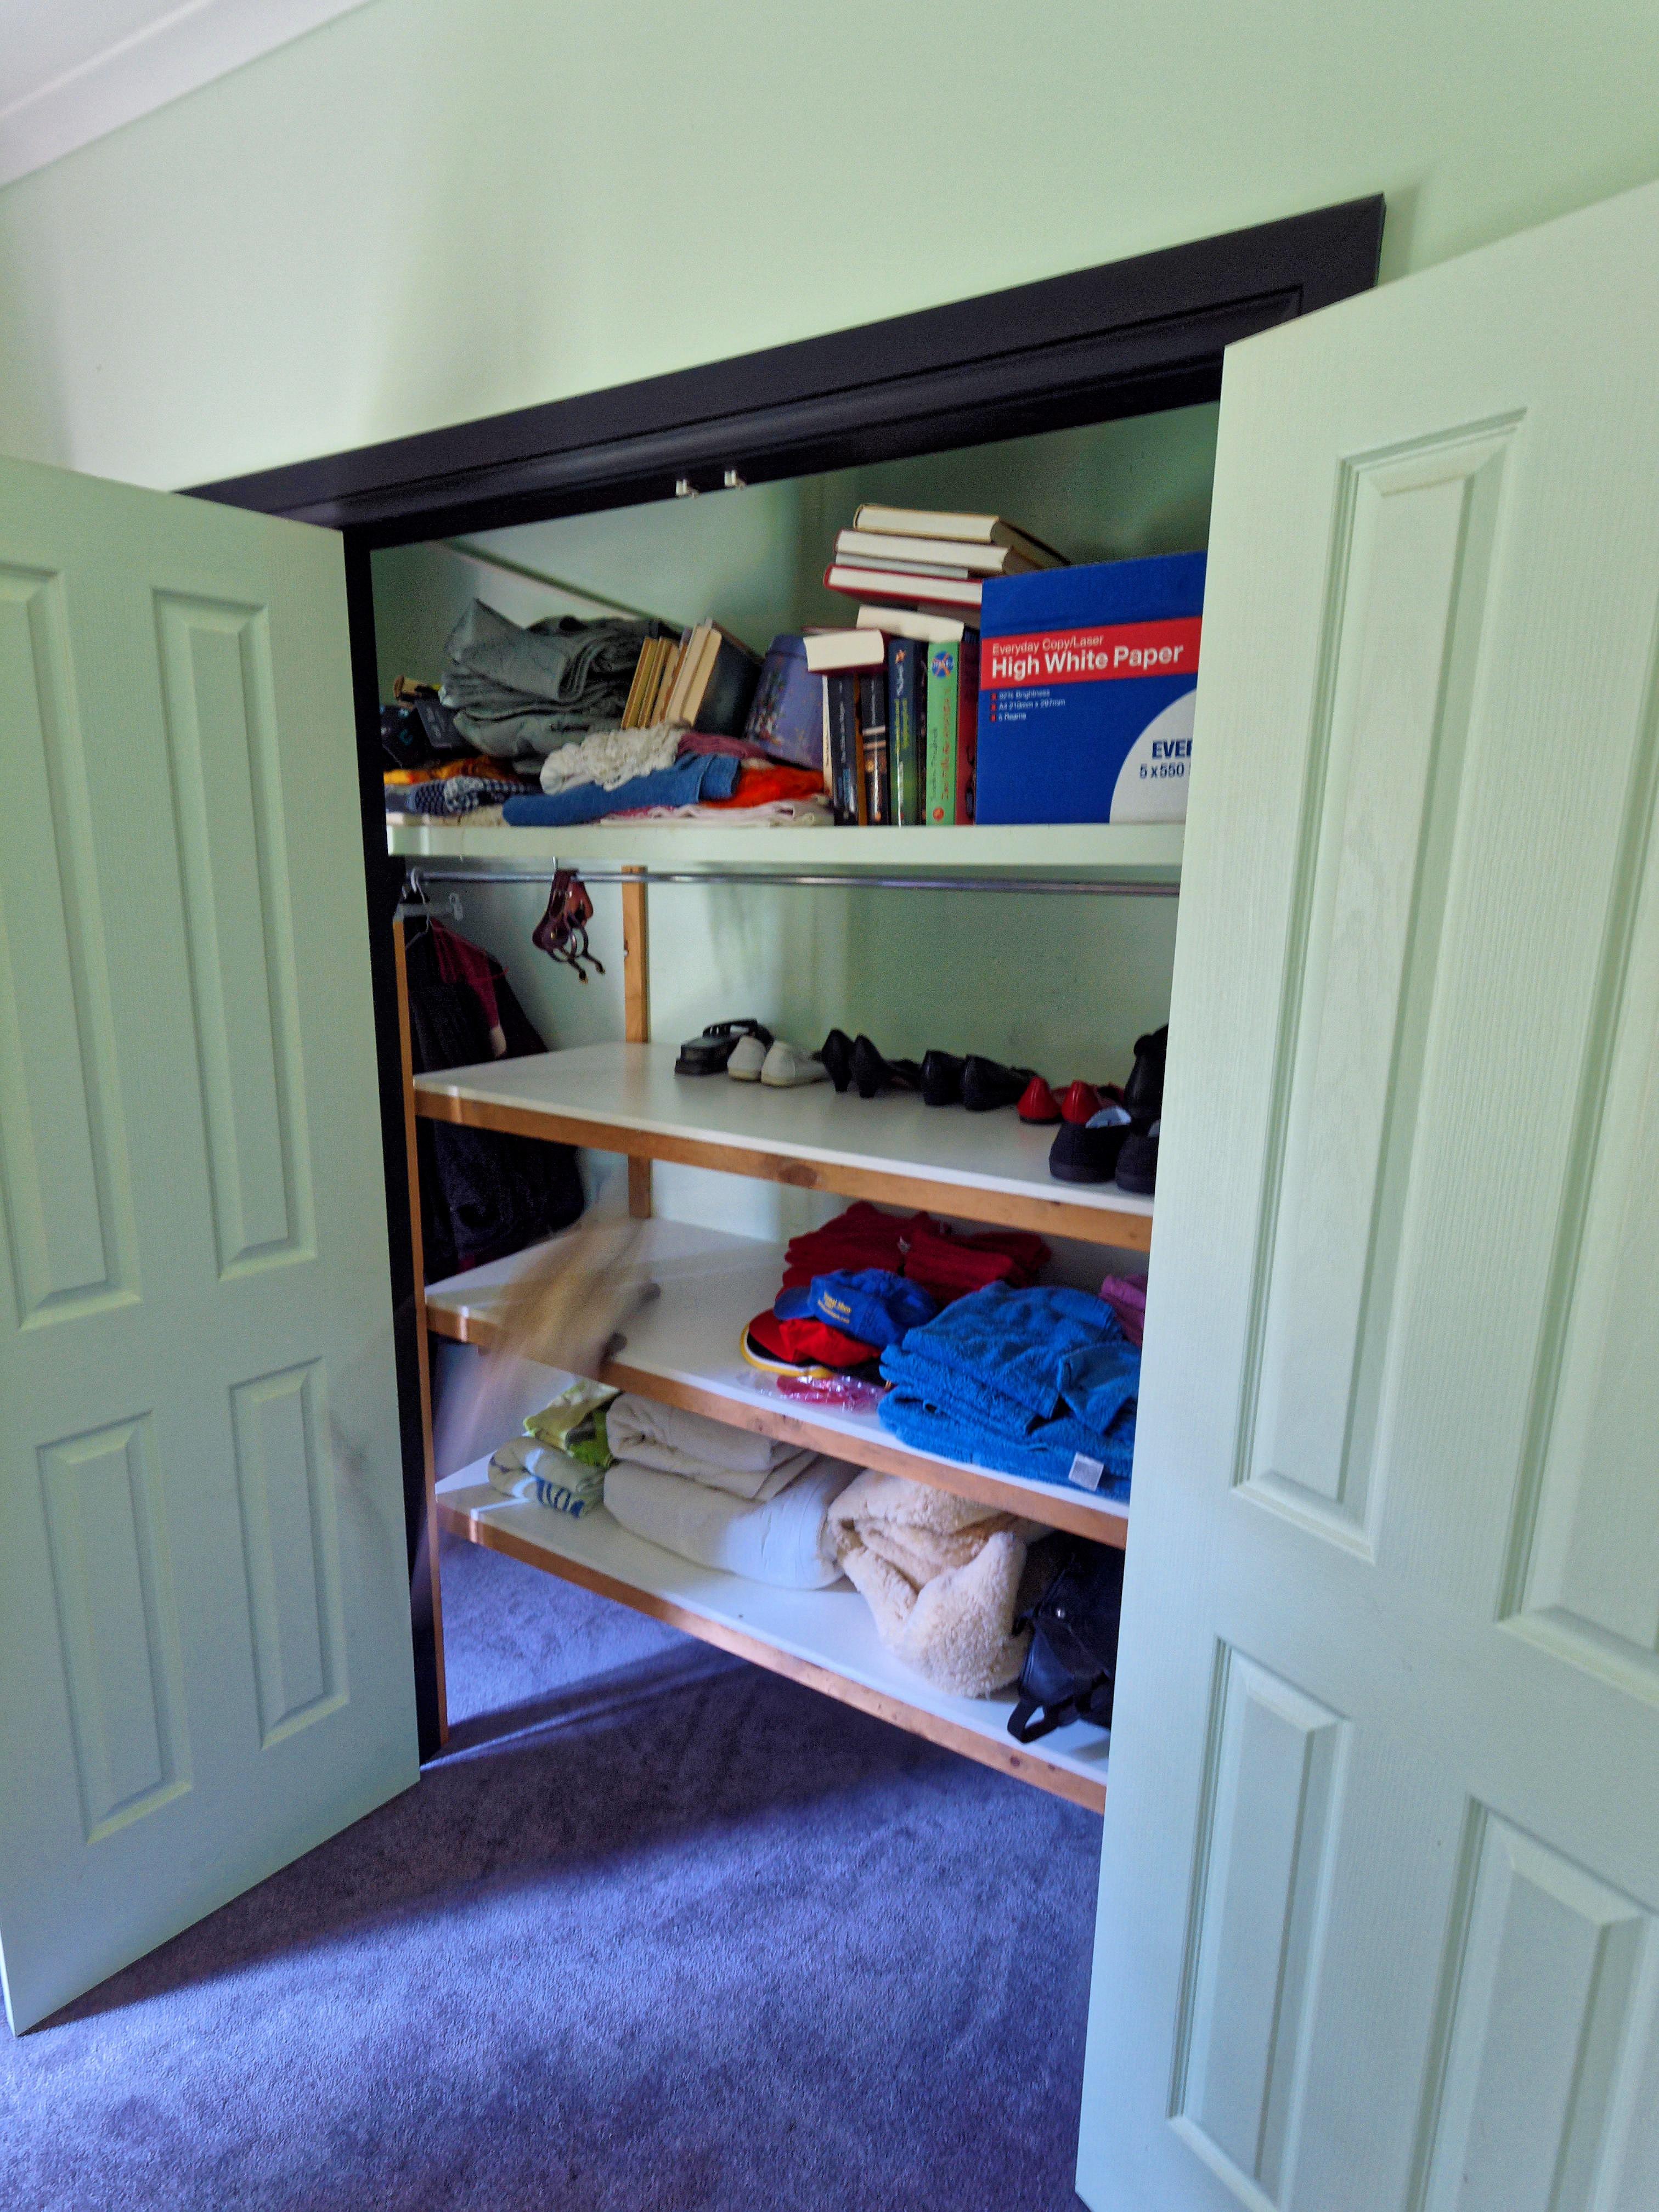 Shelves-2.jpeg